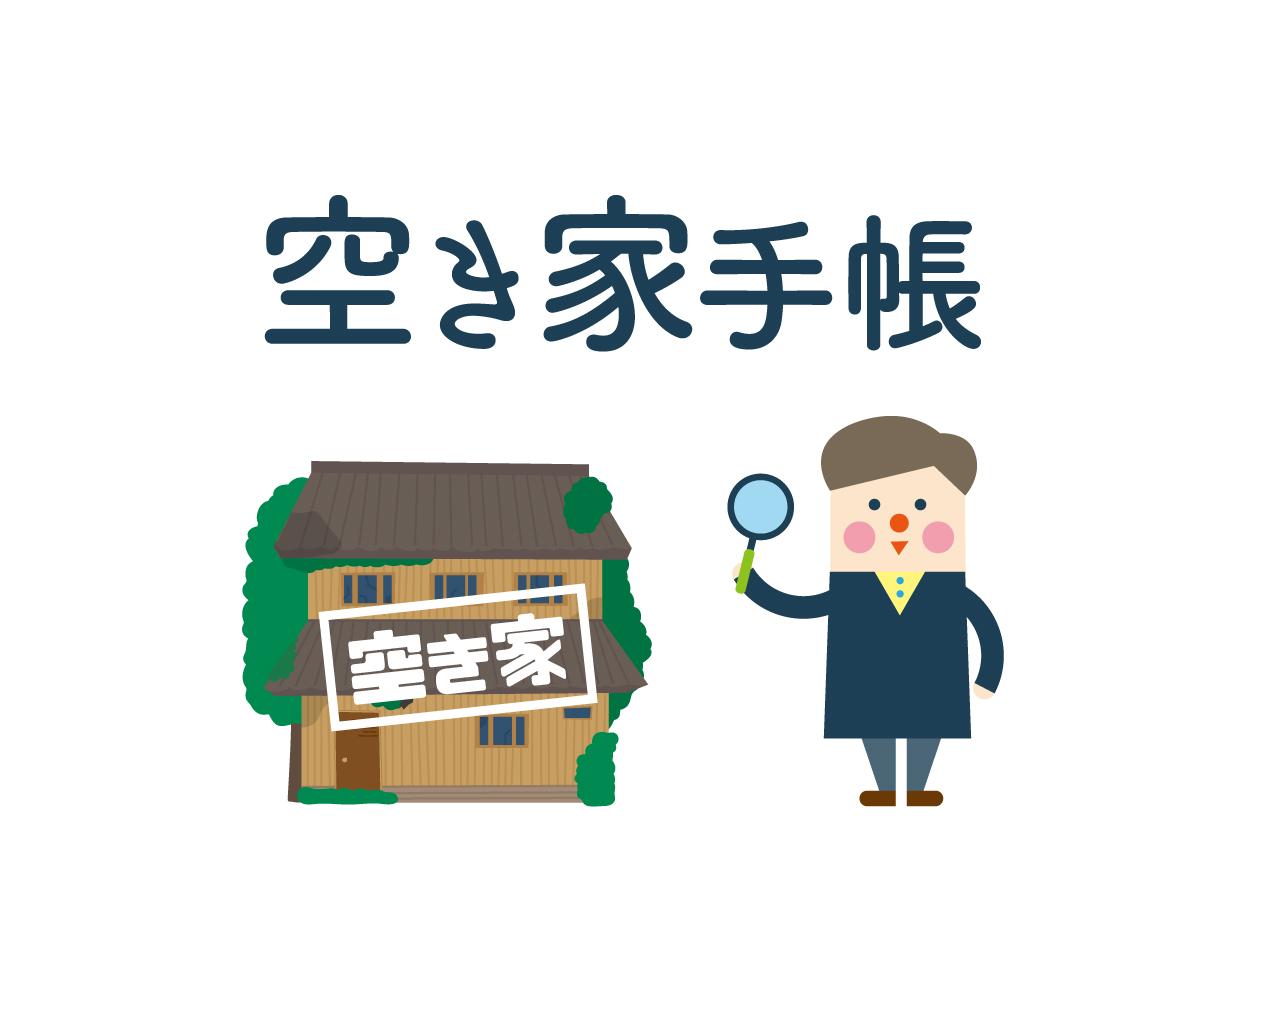 株式会社うるる様 空き家手帳 ロゴ・キャラクタ制作